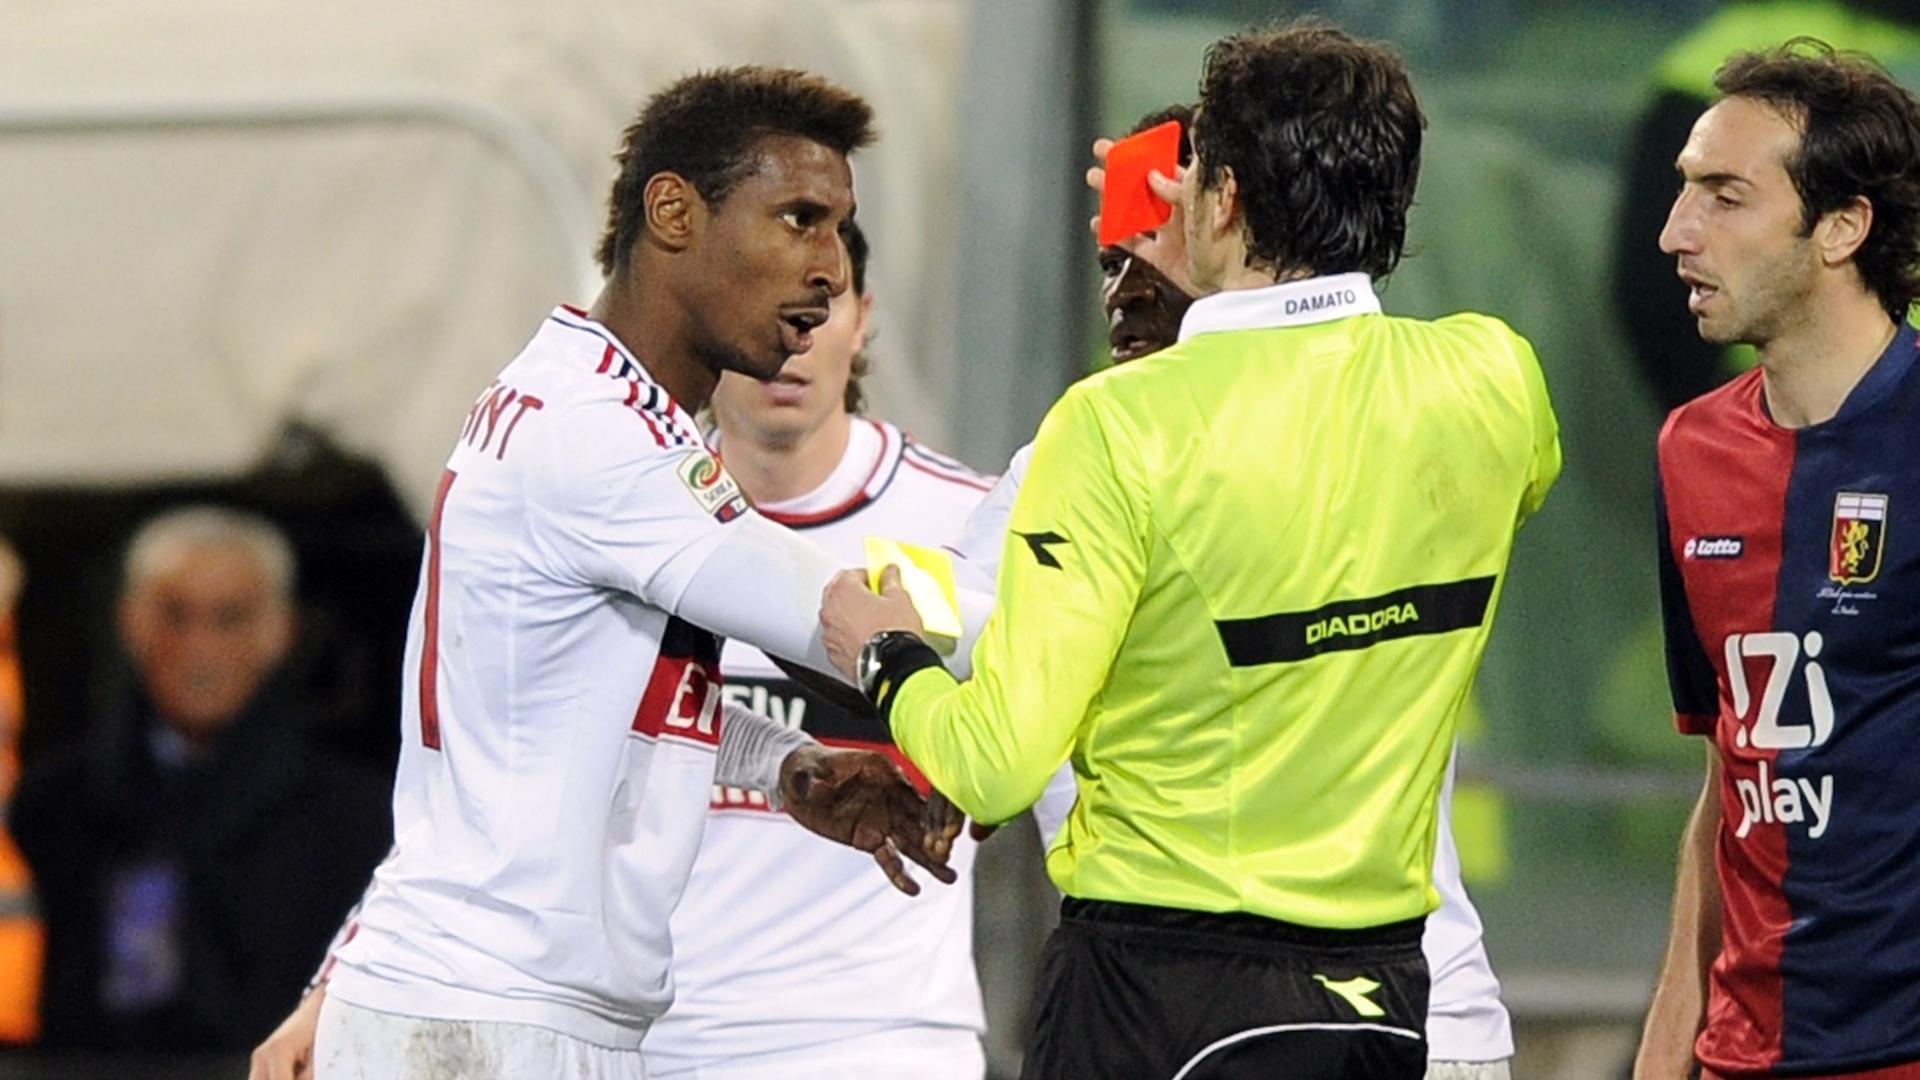 08.mar.2013 - Kevin Constant (esq), do Milan, é expulso pelo árbitro Antonio Damato durante a partida contra o Genoa, pelo Campeonato Italiano